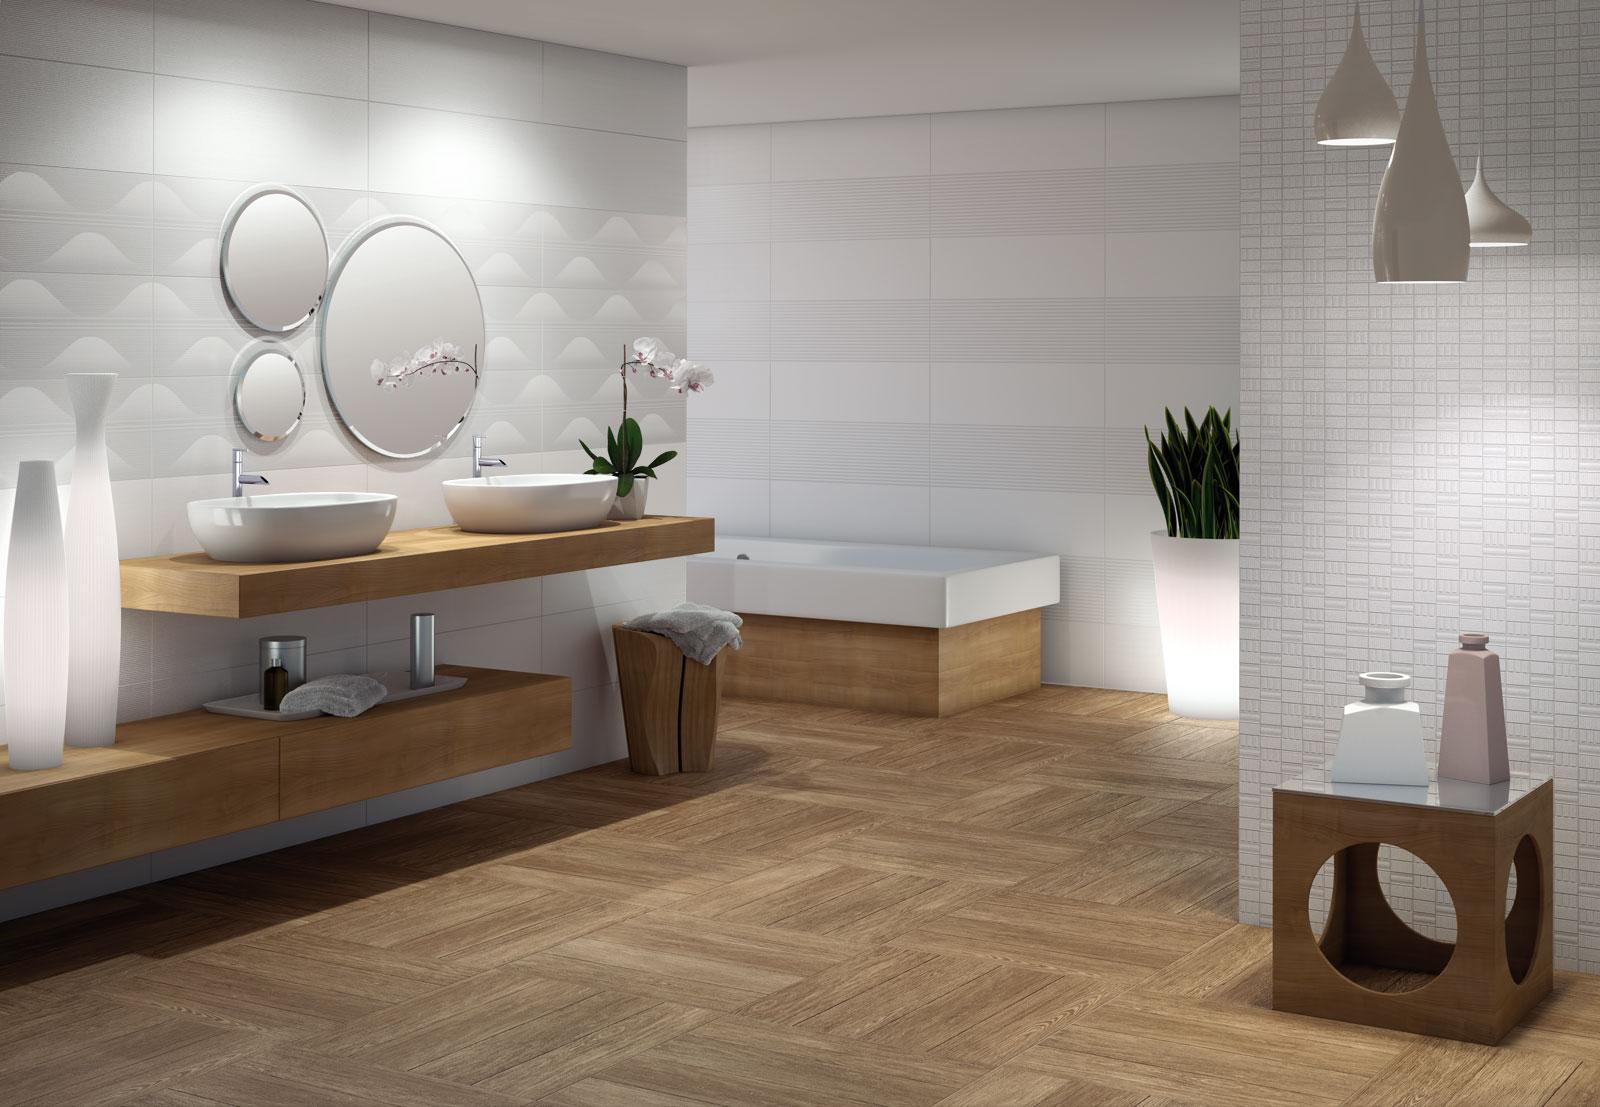 Verano gres porcel nico revestimiento ba os spa marazzi Revestimiento bano moderno